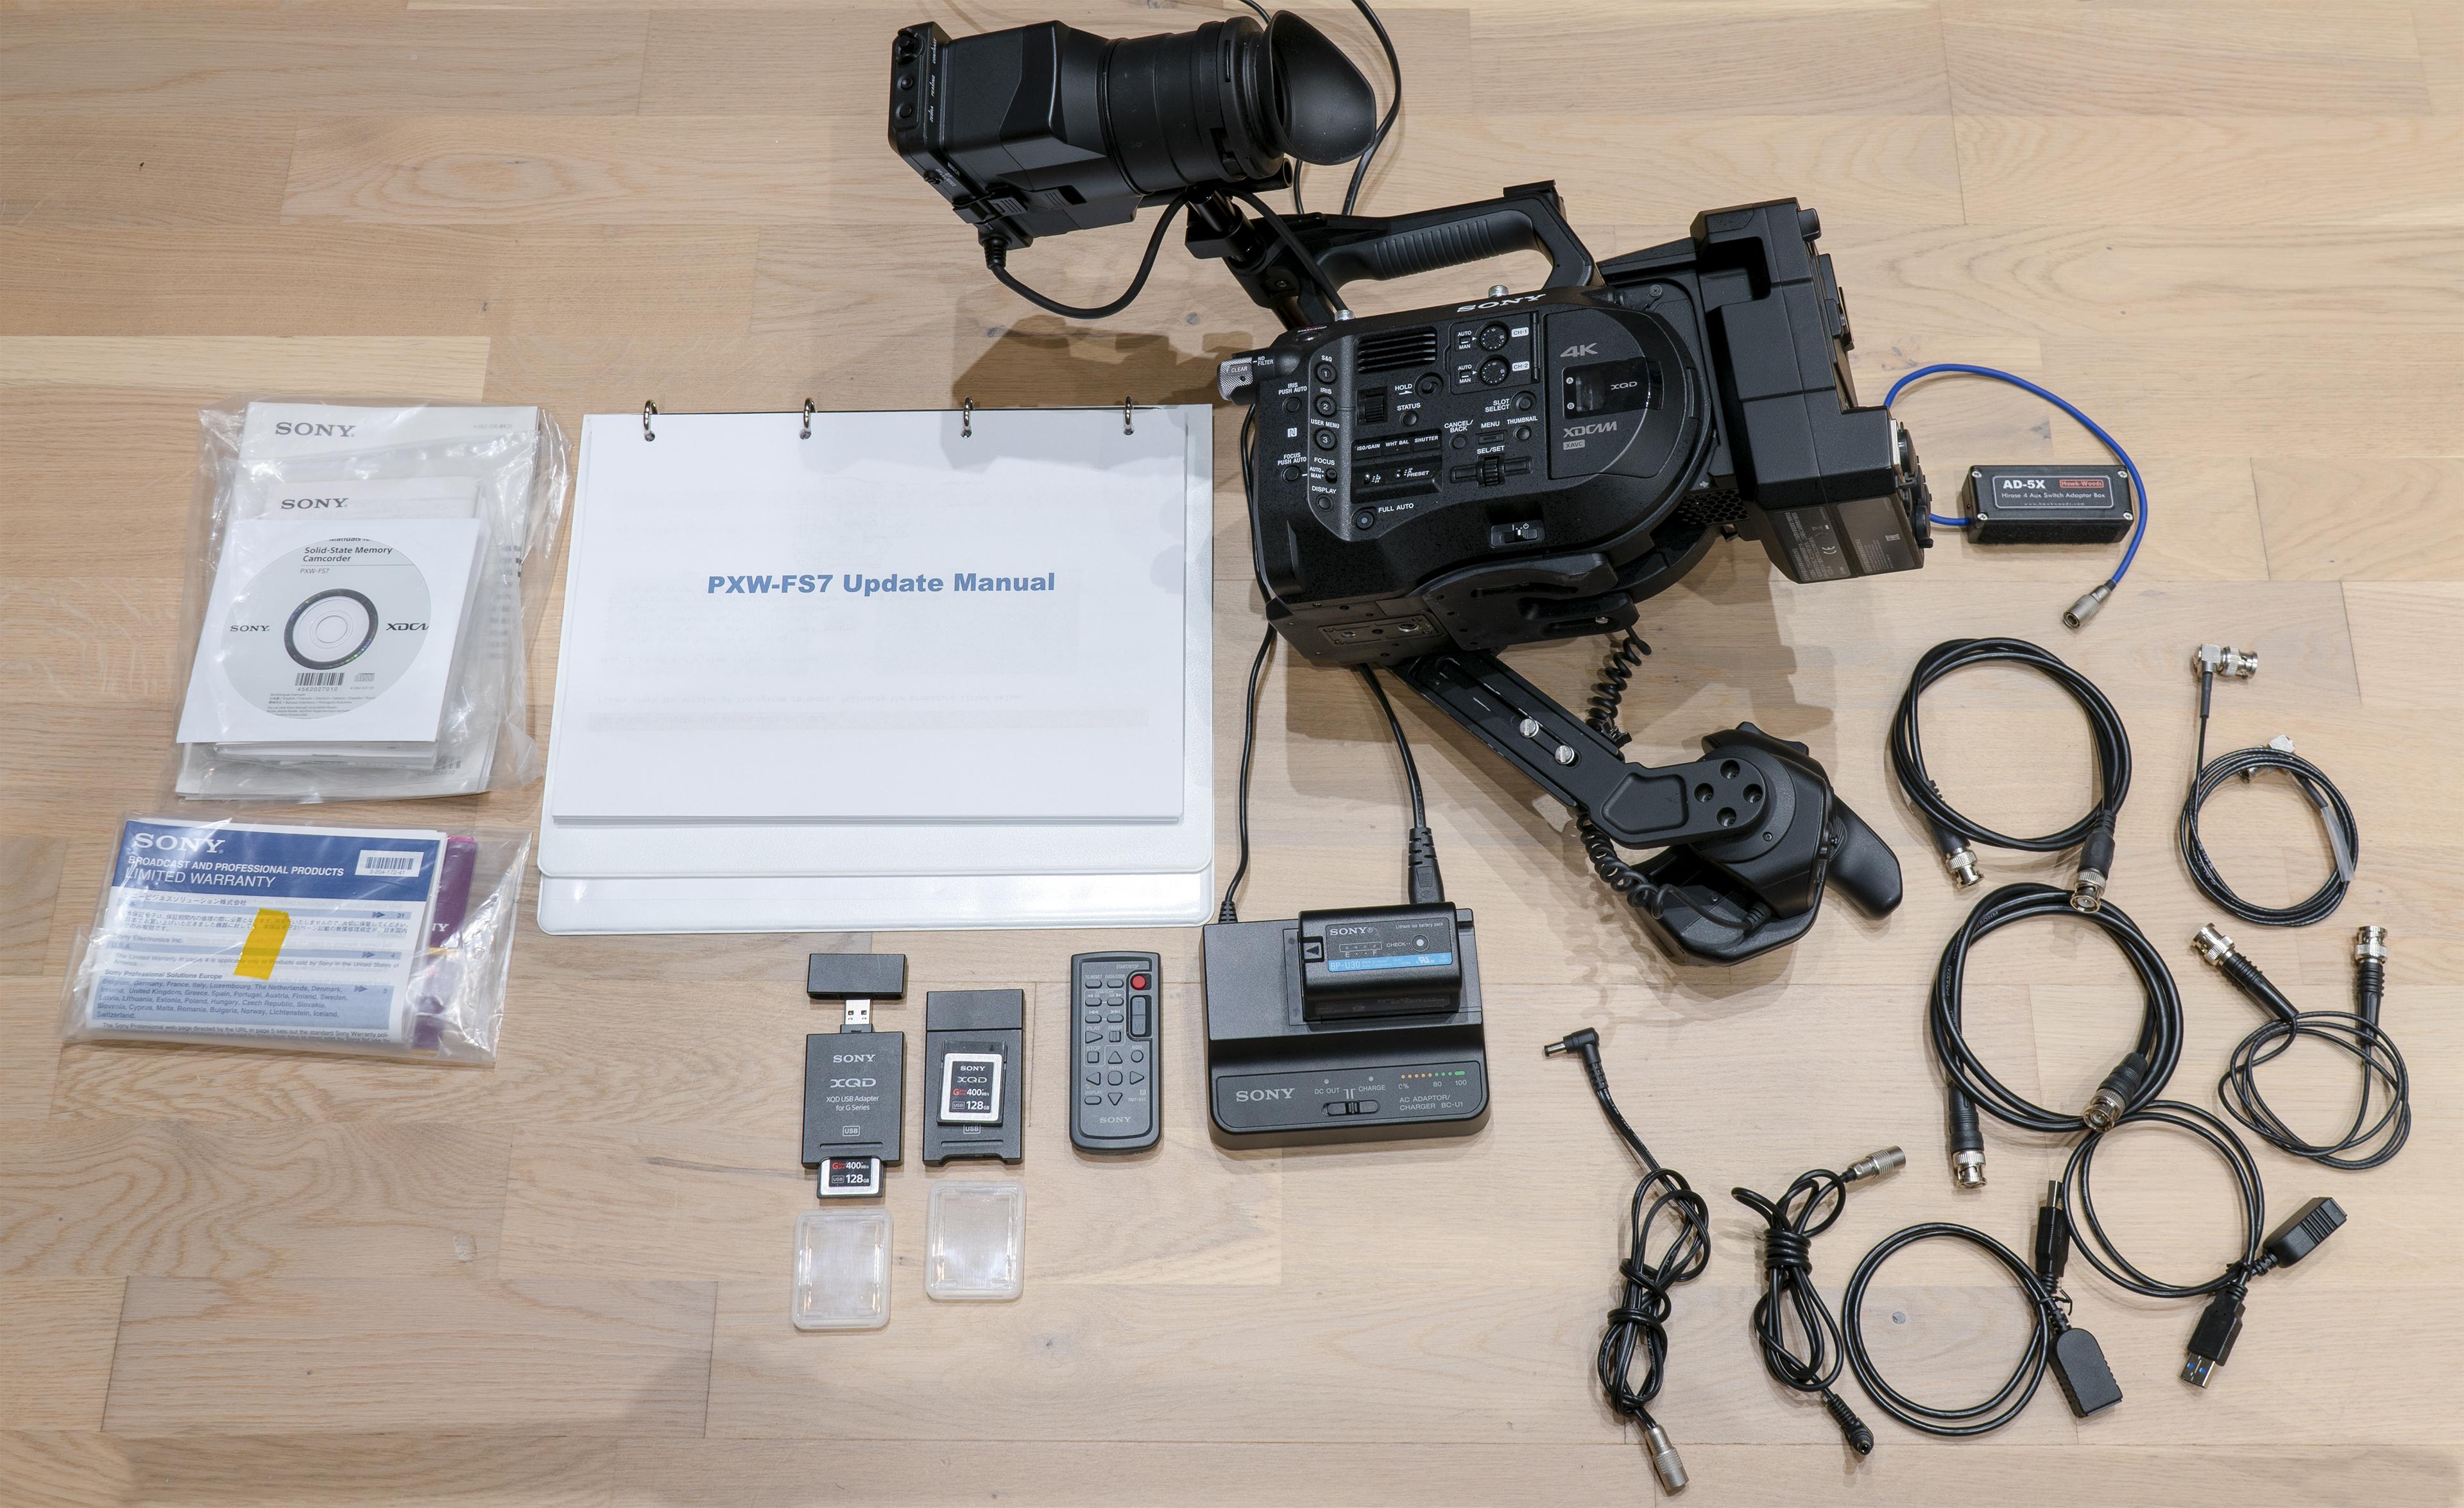 i.ibb.co/Zhzr562/Sony-PXW-FS7-Sony-XDCA-FS7.jpg